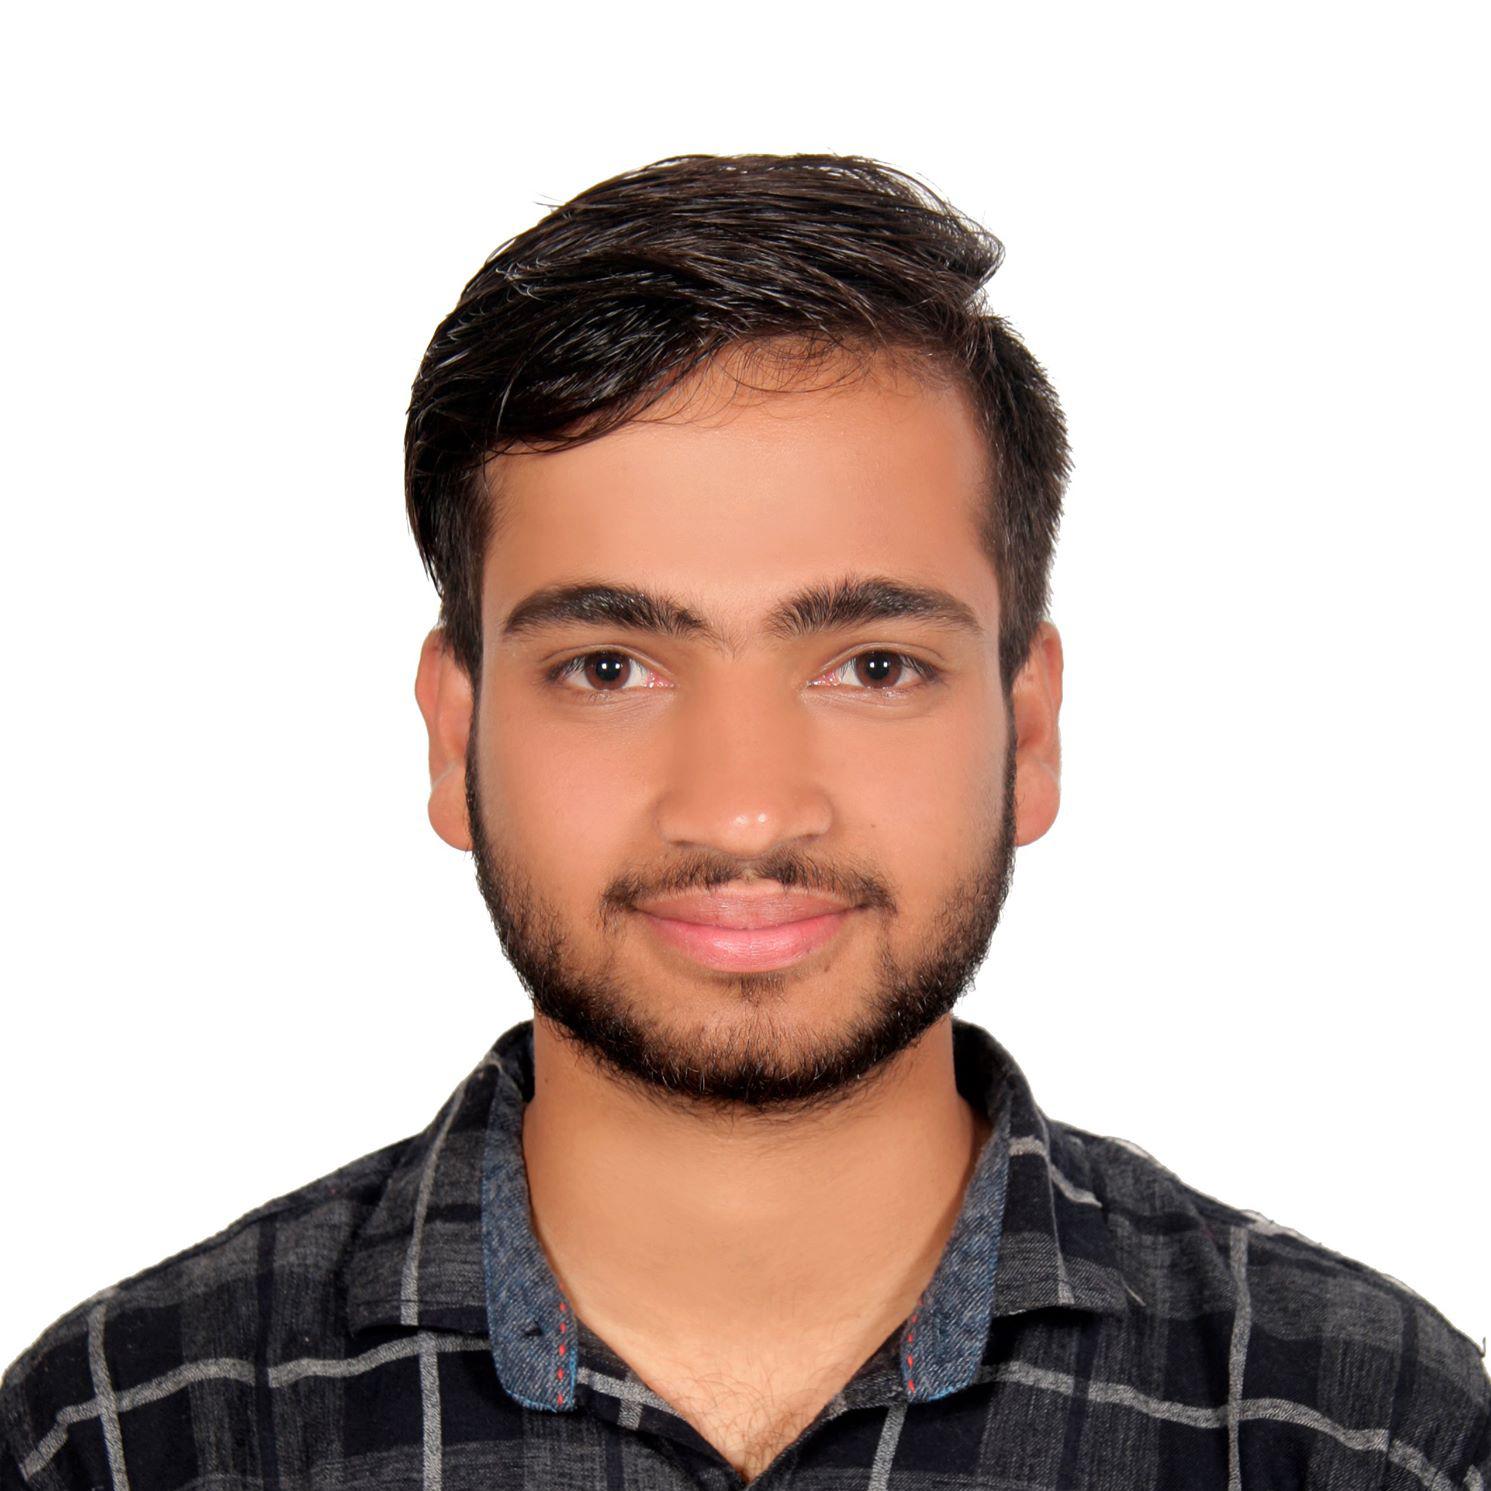 Aayush Khanal